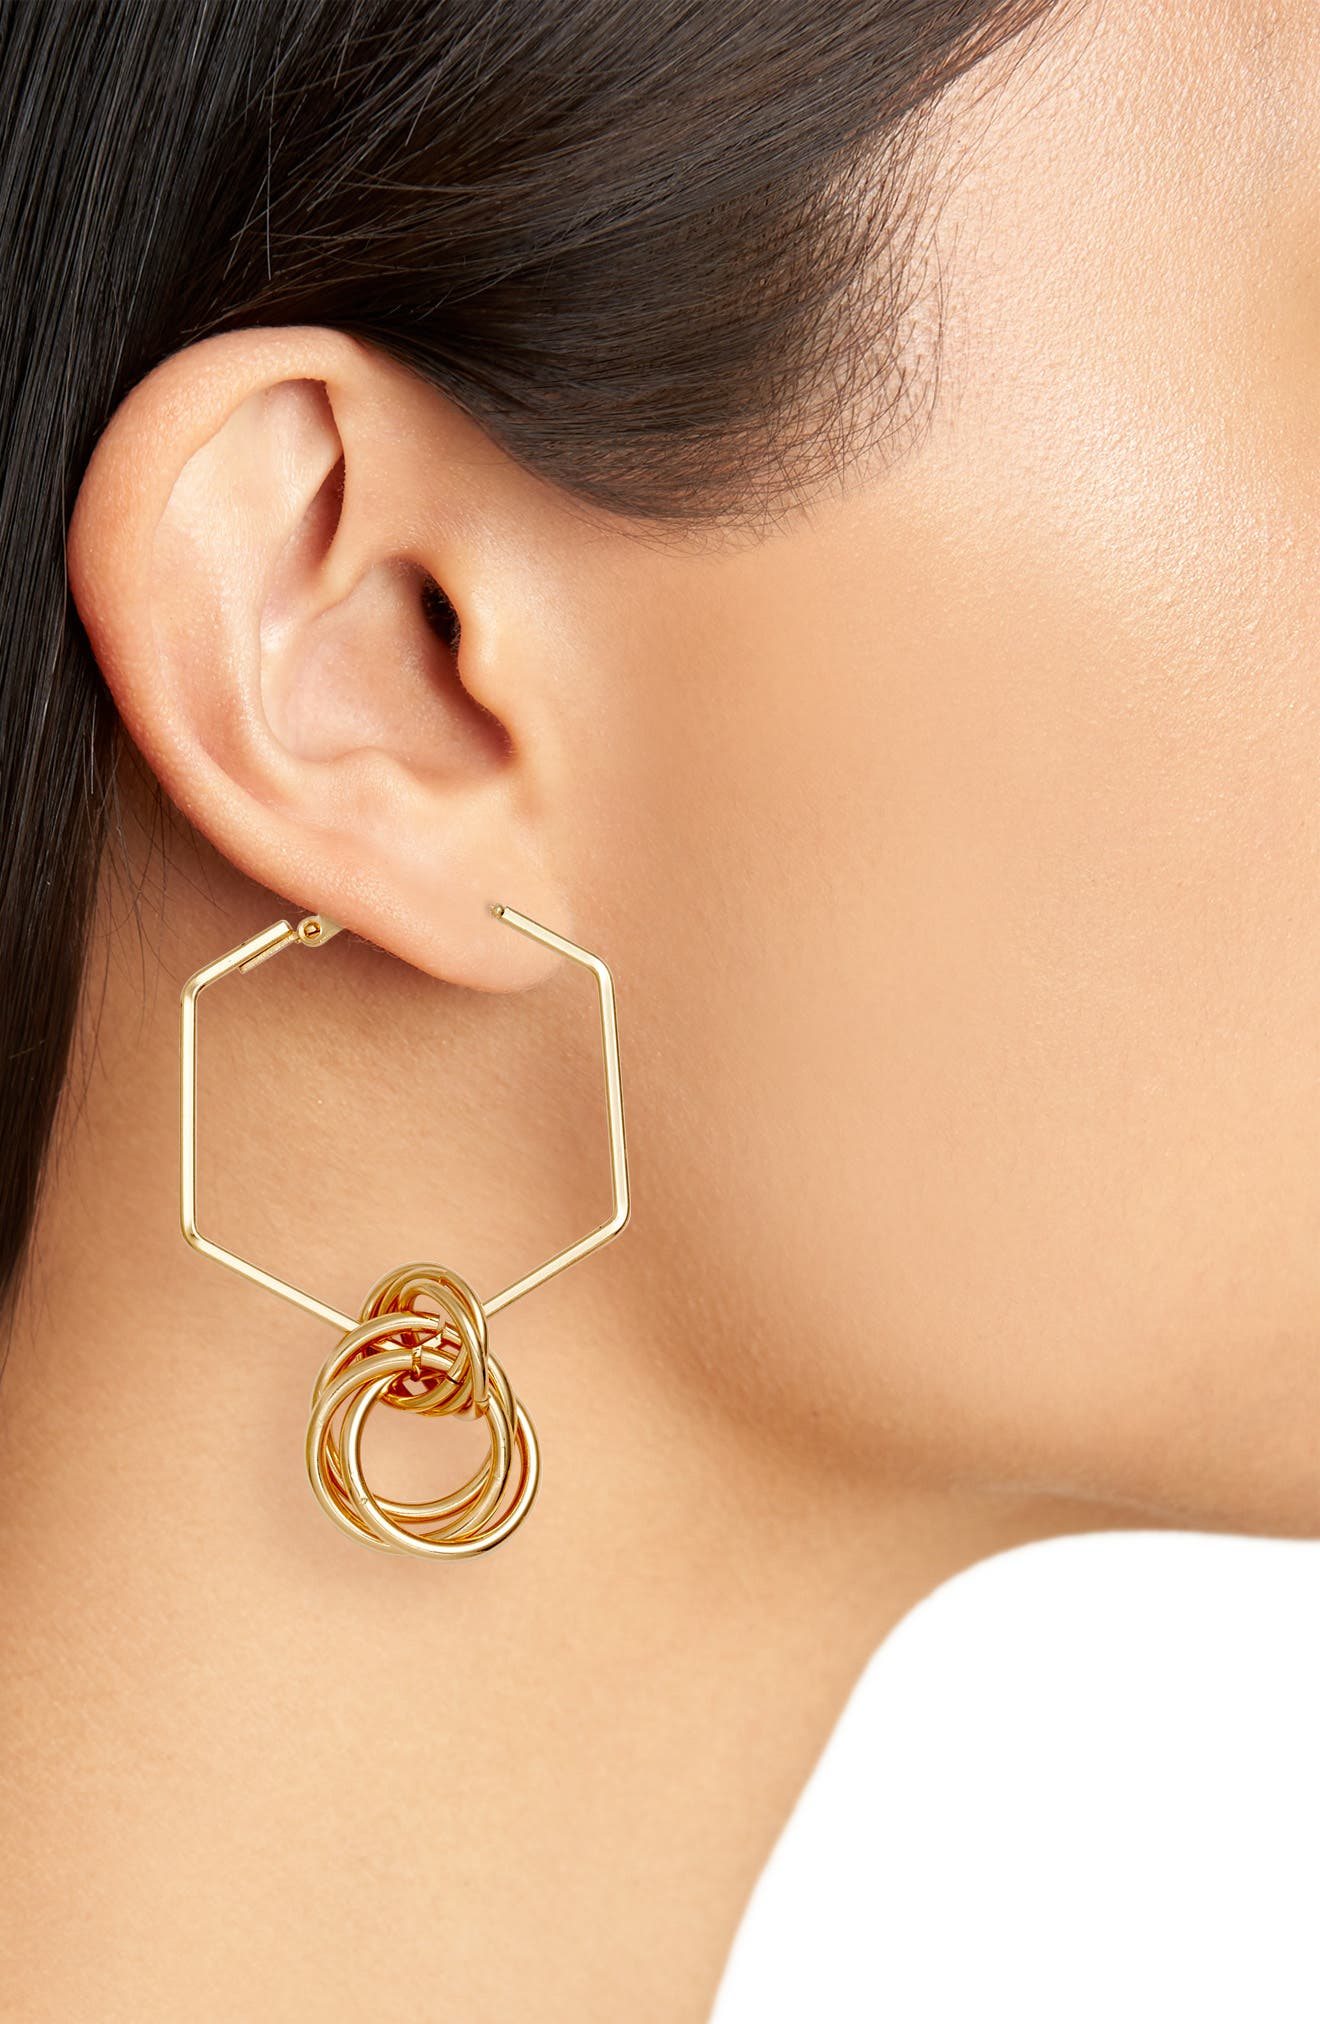 Geometric Hoop Earrings,                             Alternate thumbnail 2, color,                             710